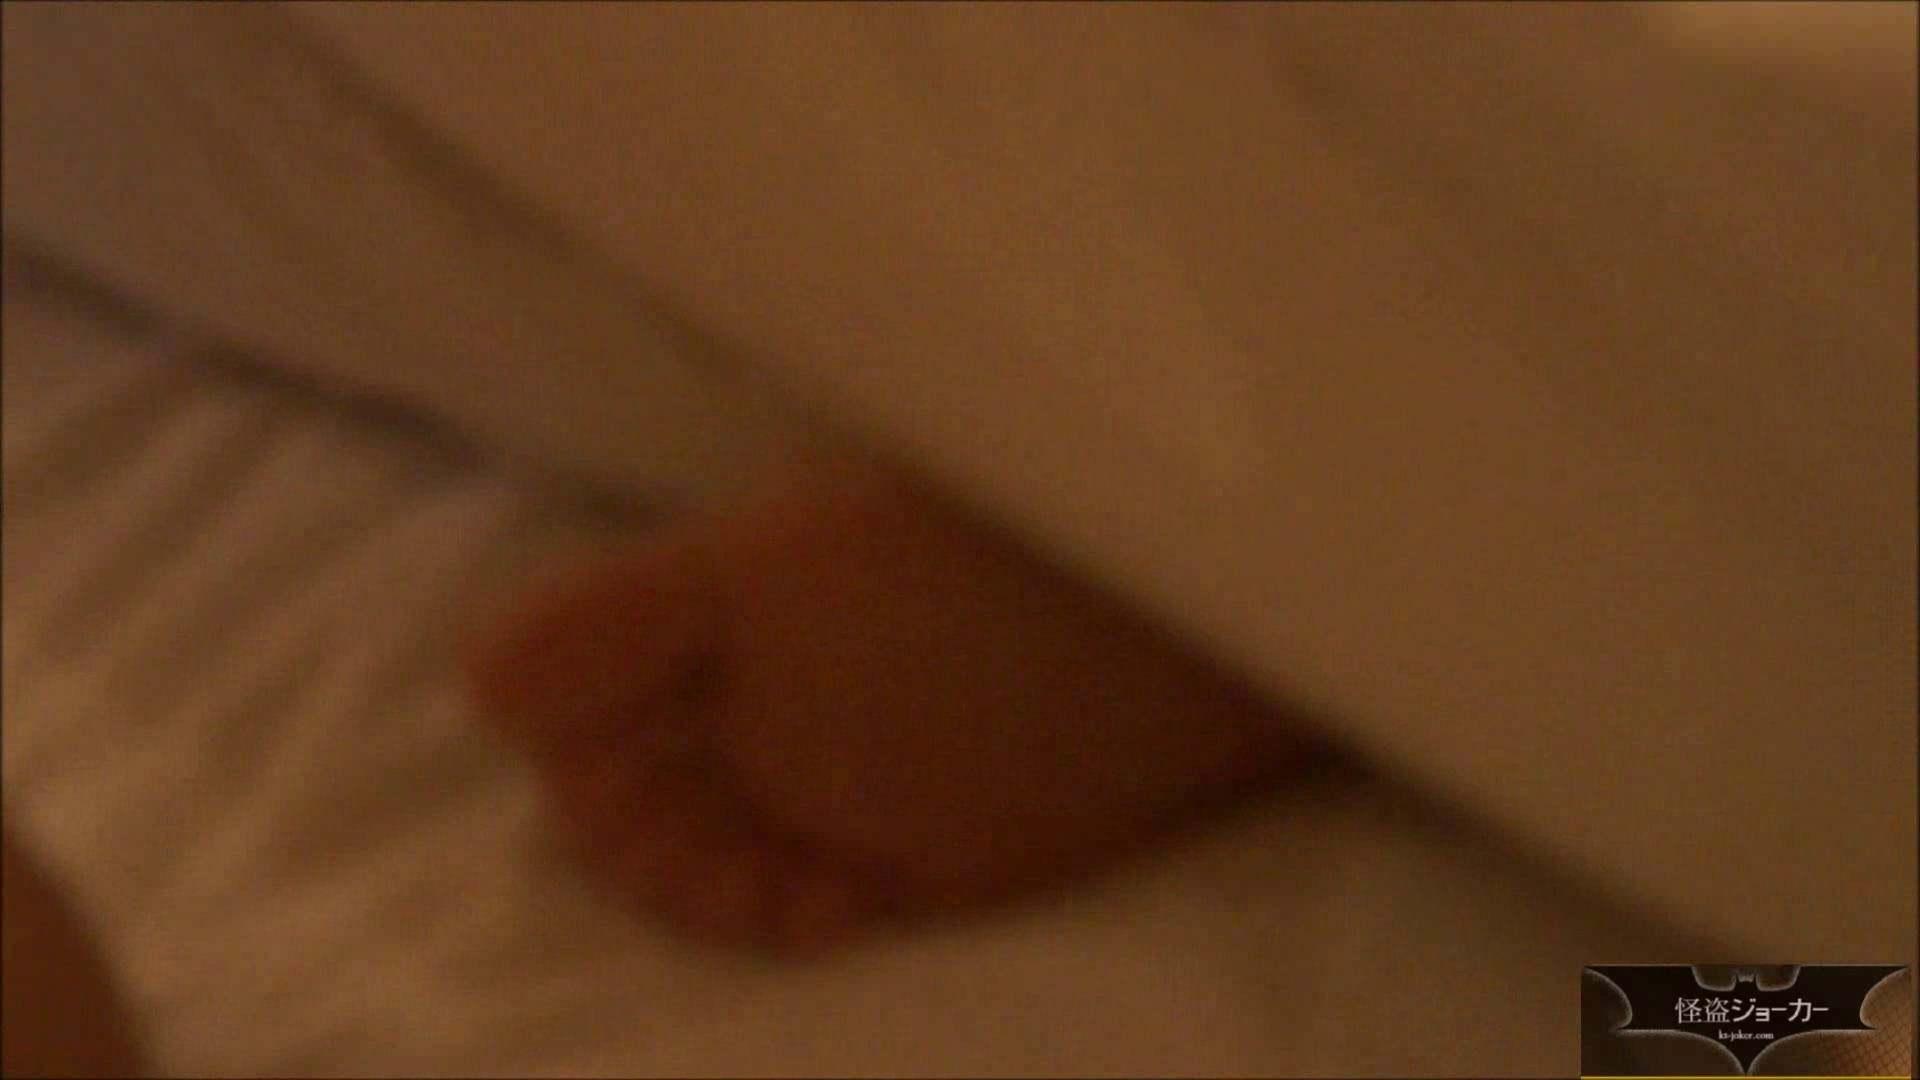 【未公開】vol.15 若ママ、絵美ちゃん・・・滴る母乳を吸い上げて。 ホテルでエッチ  76pic 3